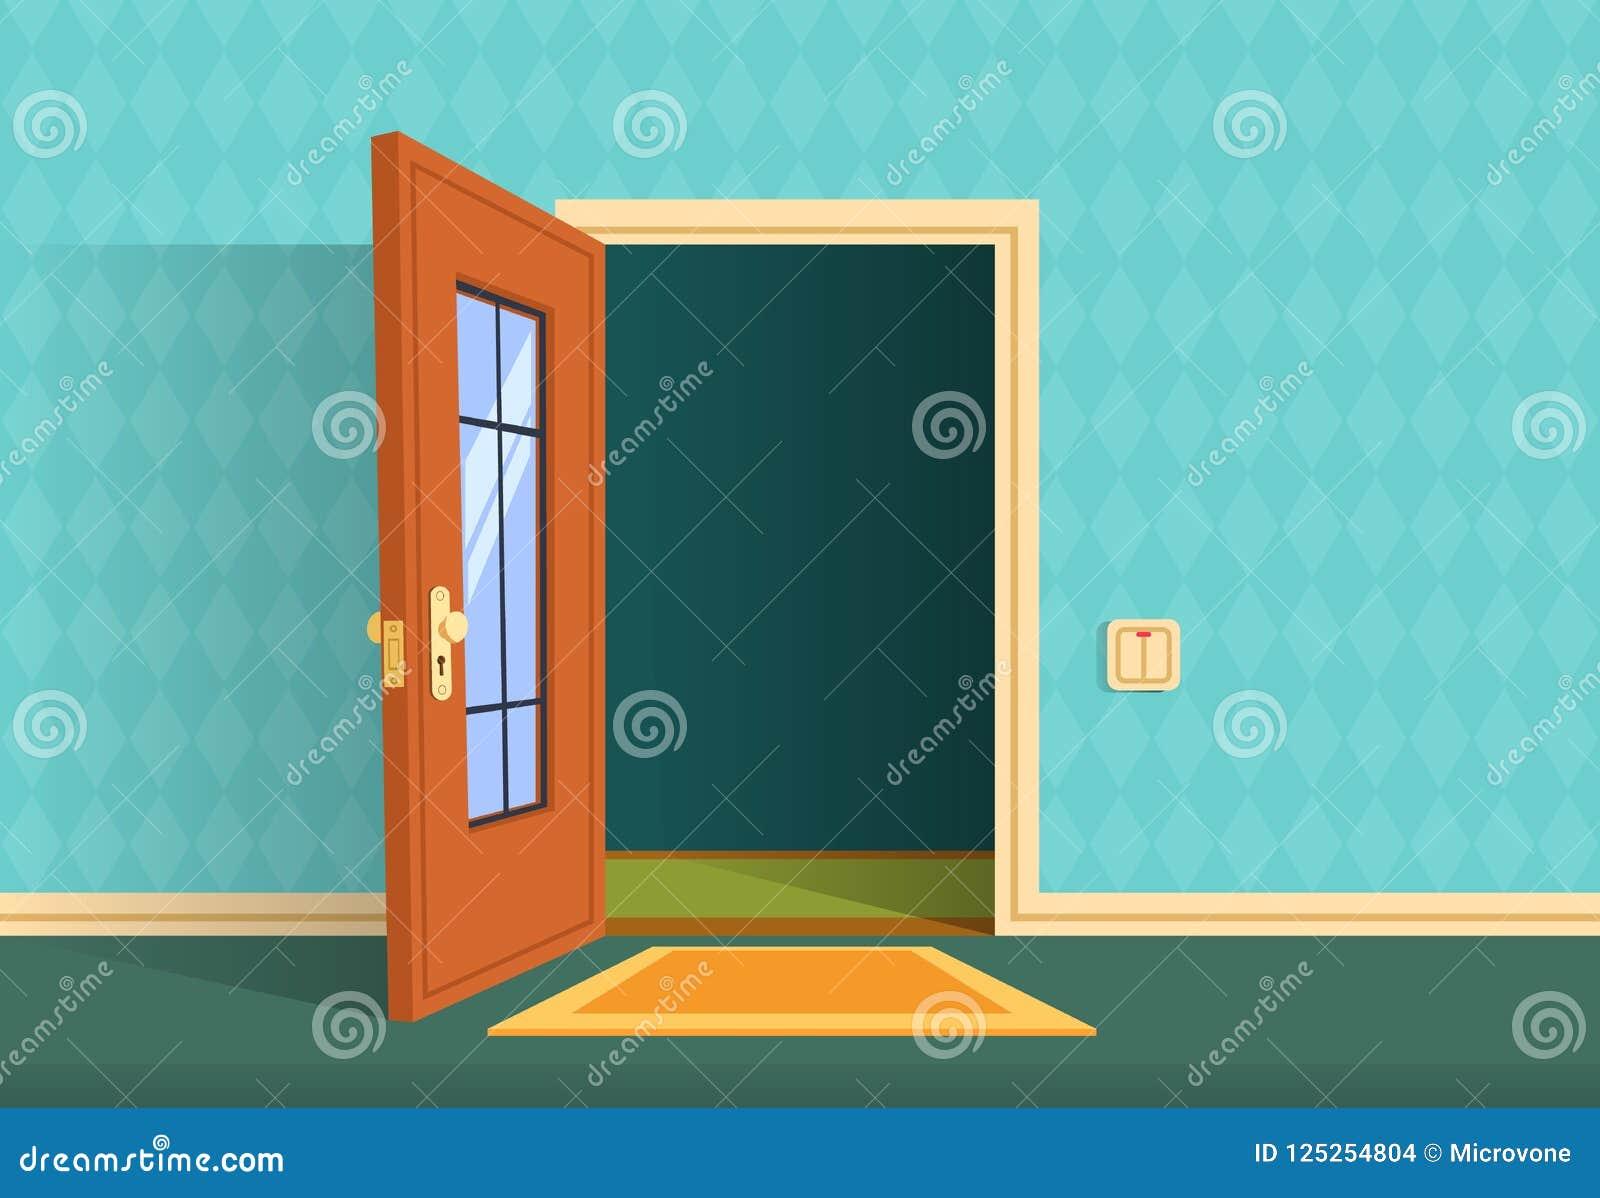 Cartoon Open Door Stock Illustrations 5 899 Cartoon Open Door Stock Illustrations Vectors